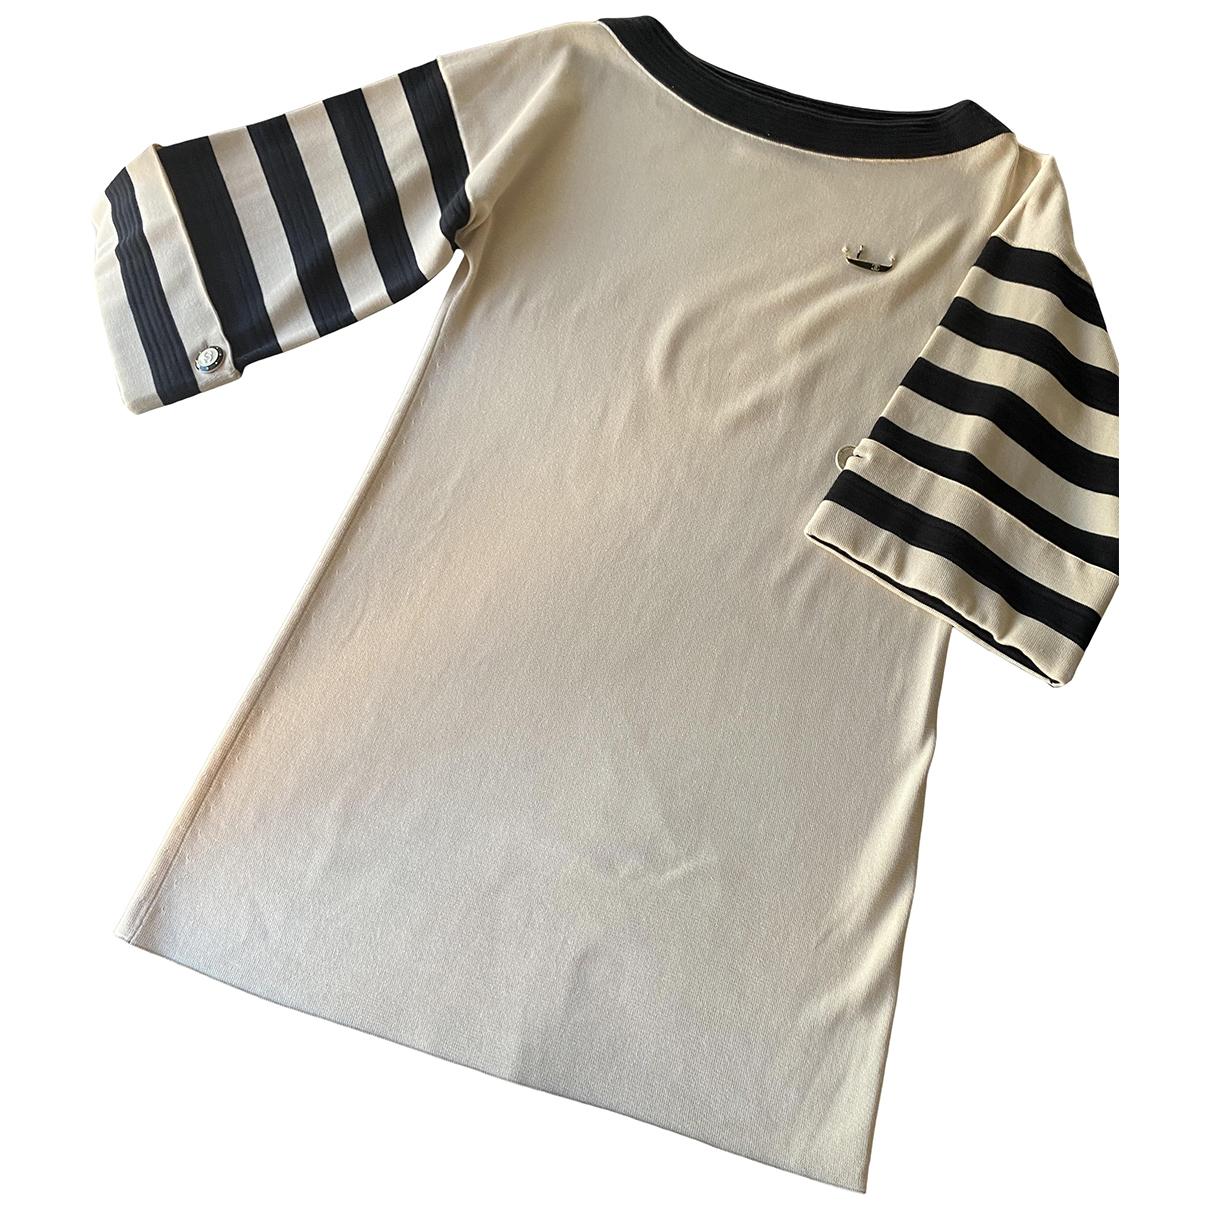 Chanel \N Beige Cotton dress for Women 34 FR